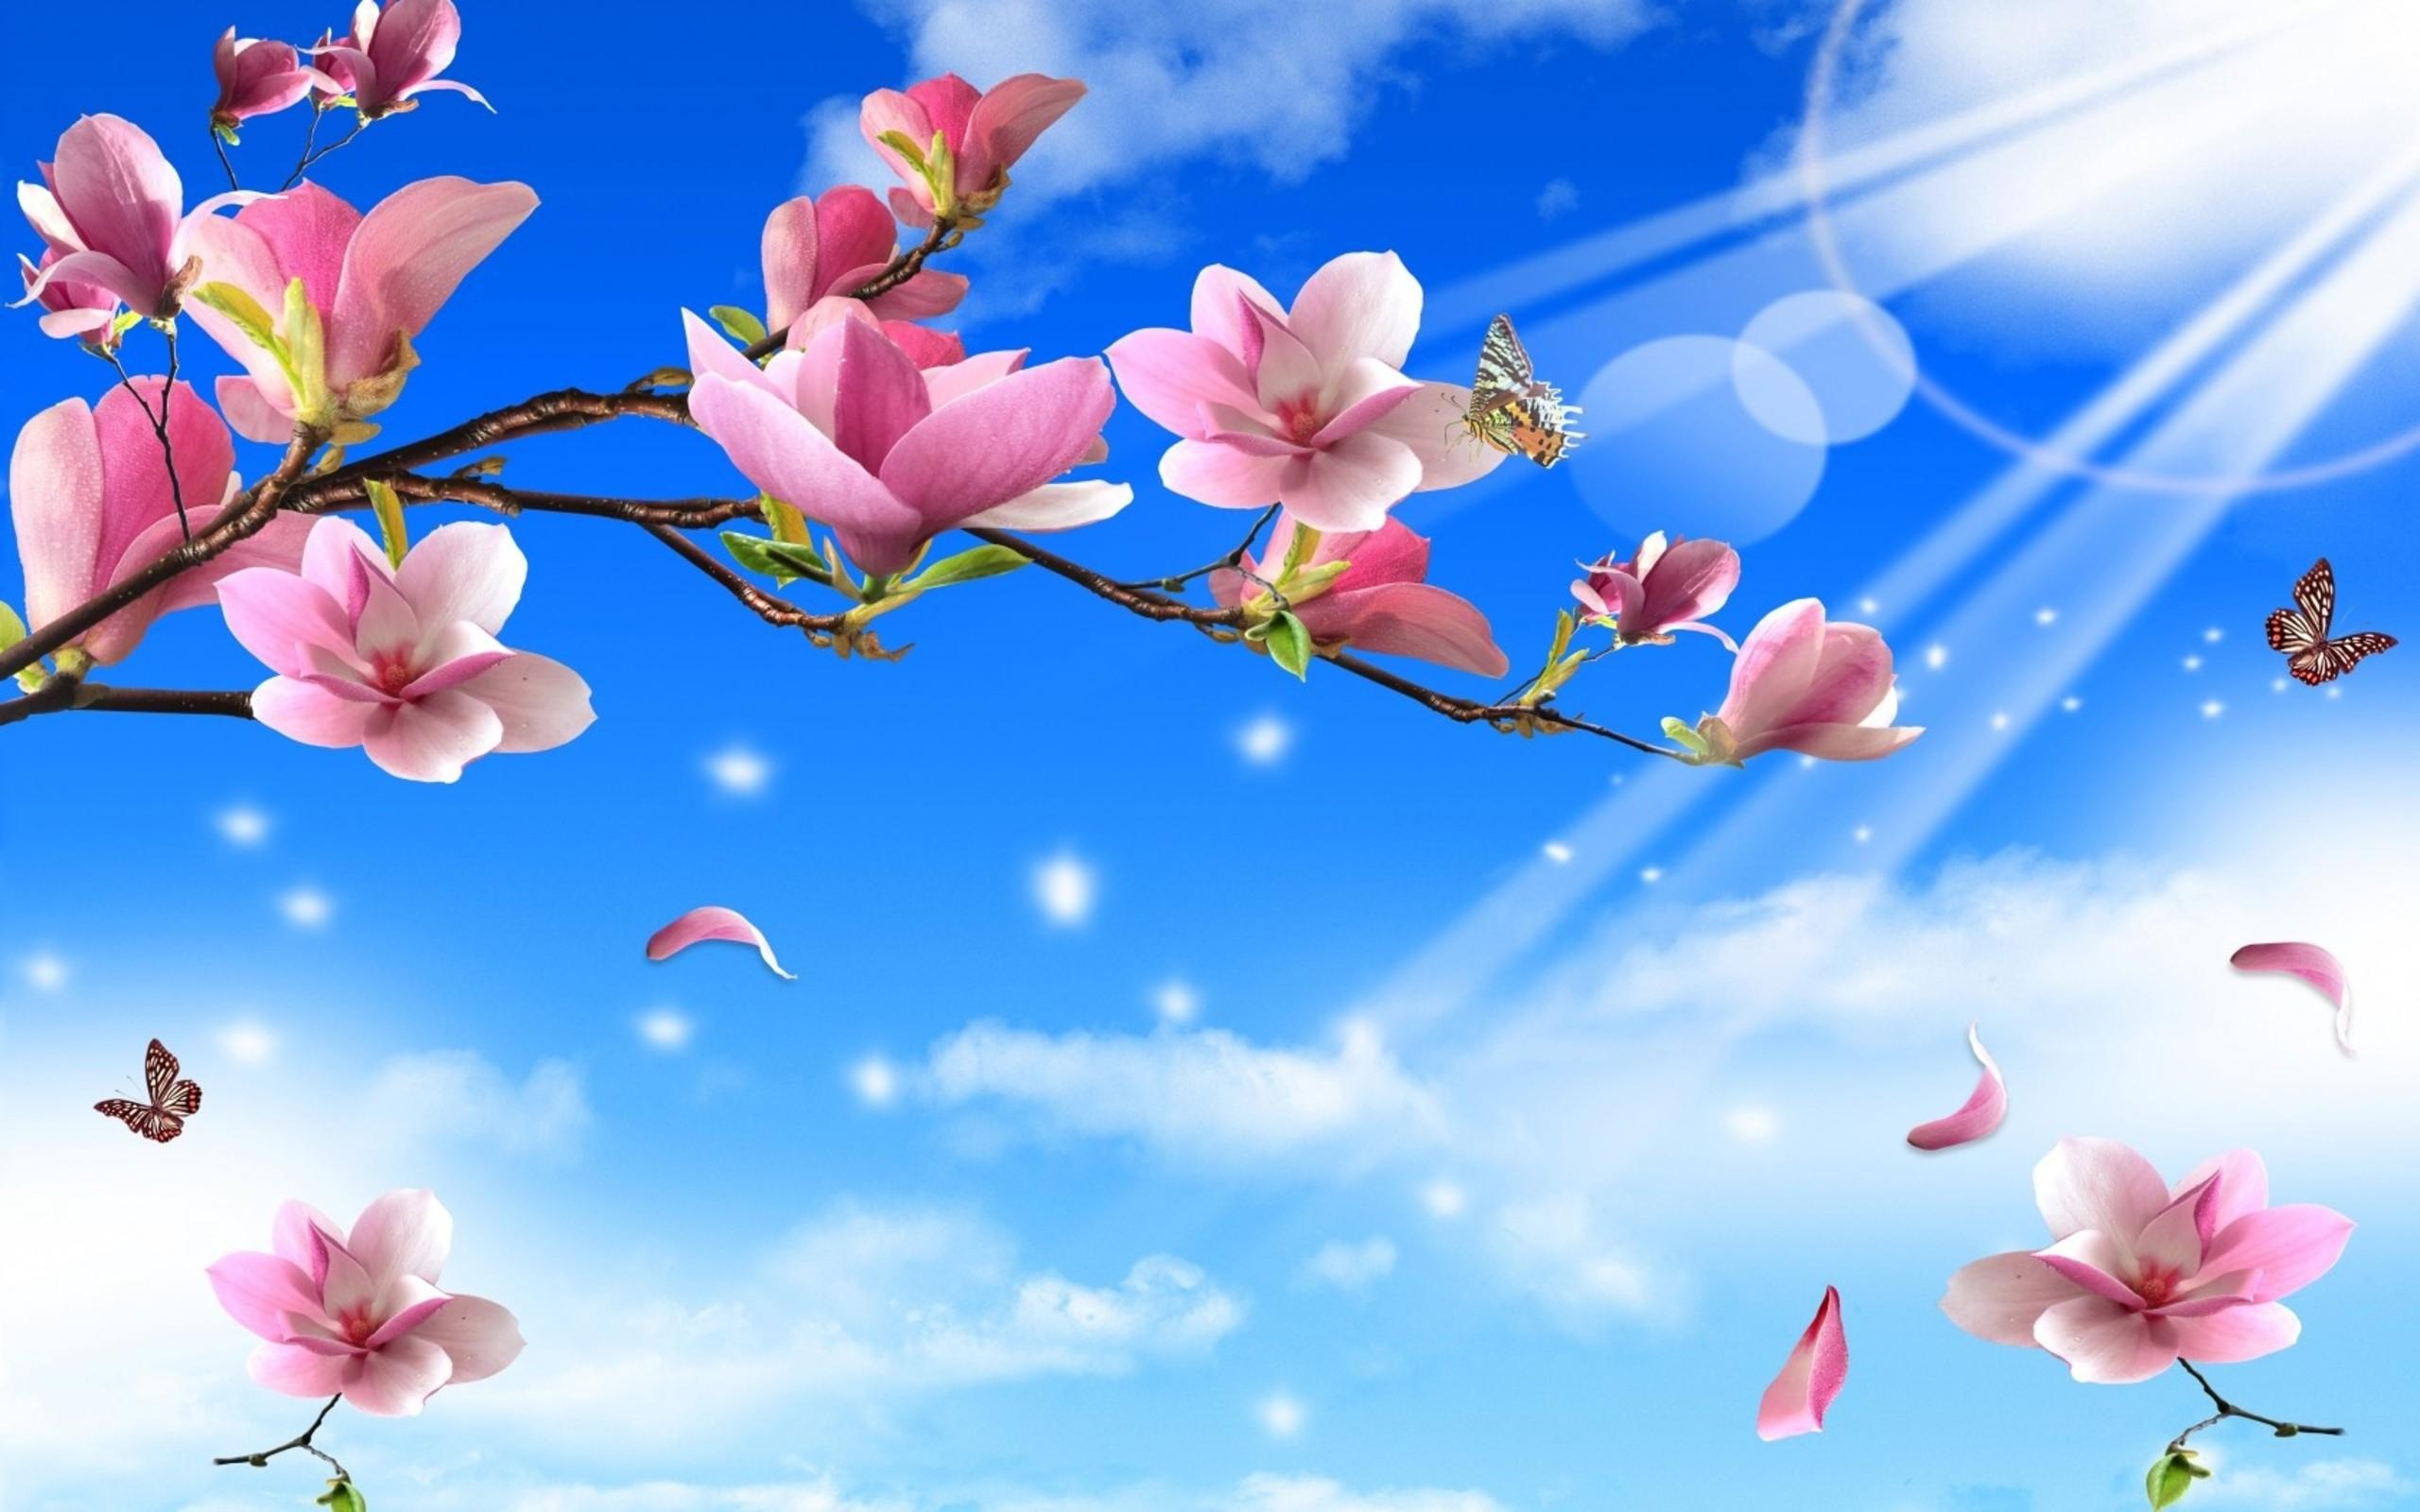 Flowers butterflies nature twigs butterfly wallpaper | | 128172 |  WallpaperUP